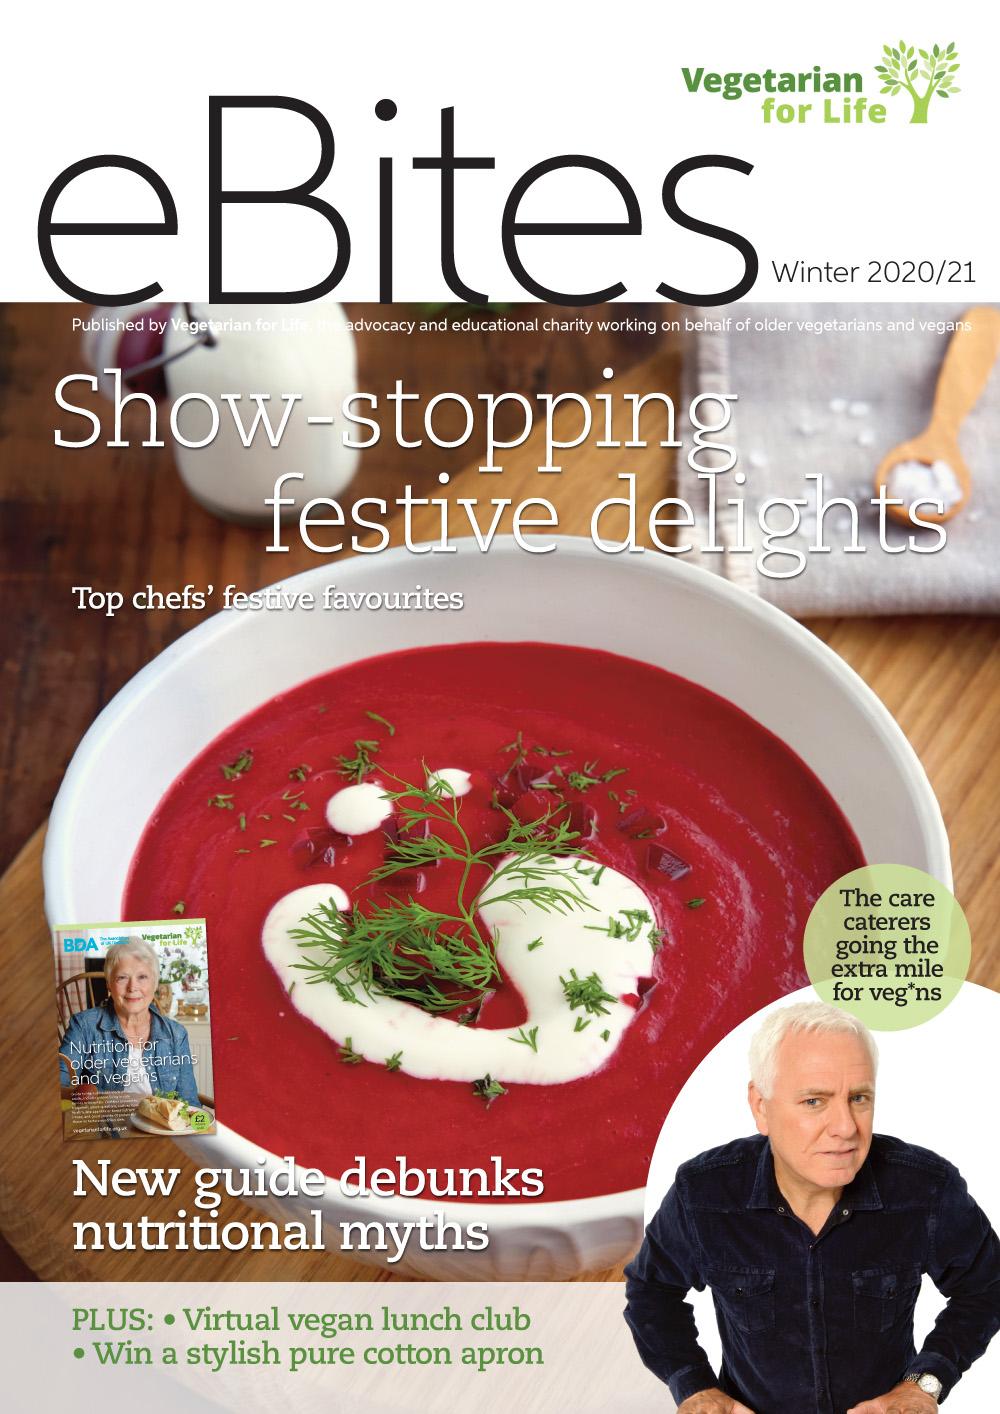 eBites Winter 2020